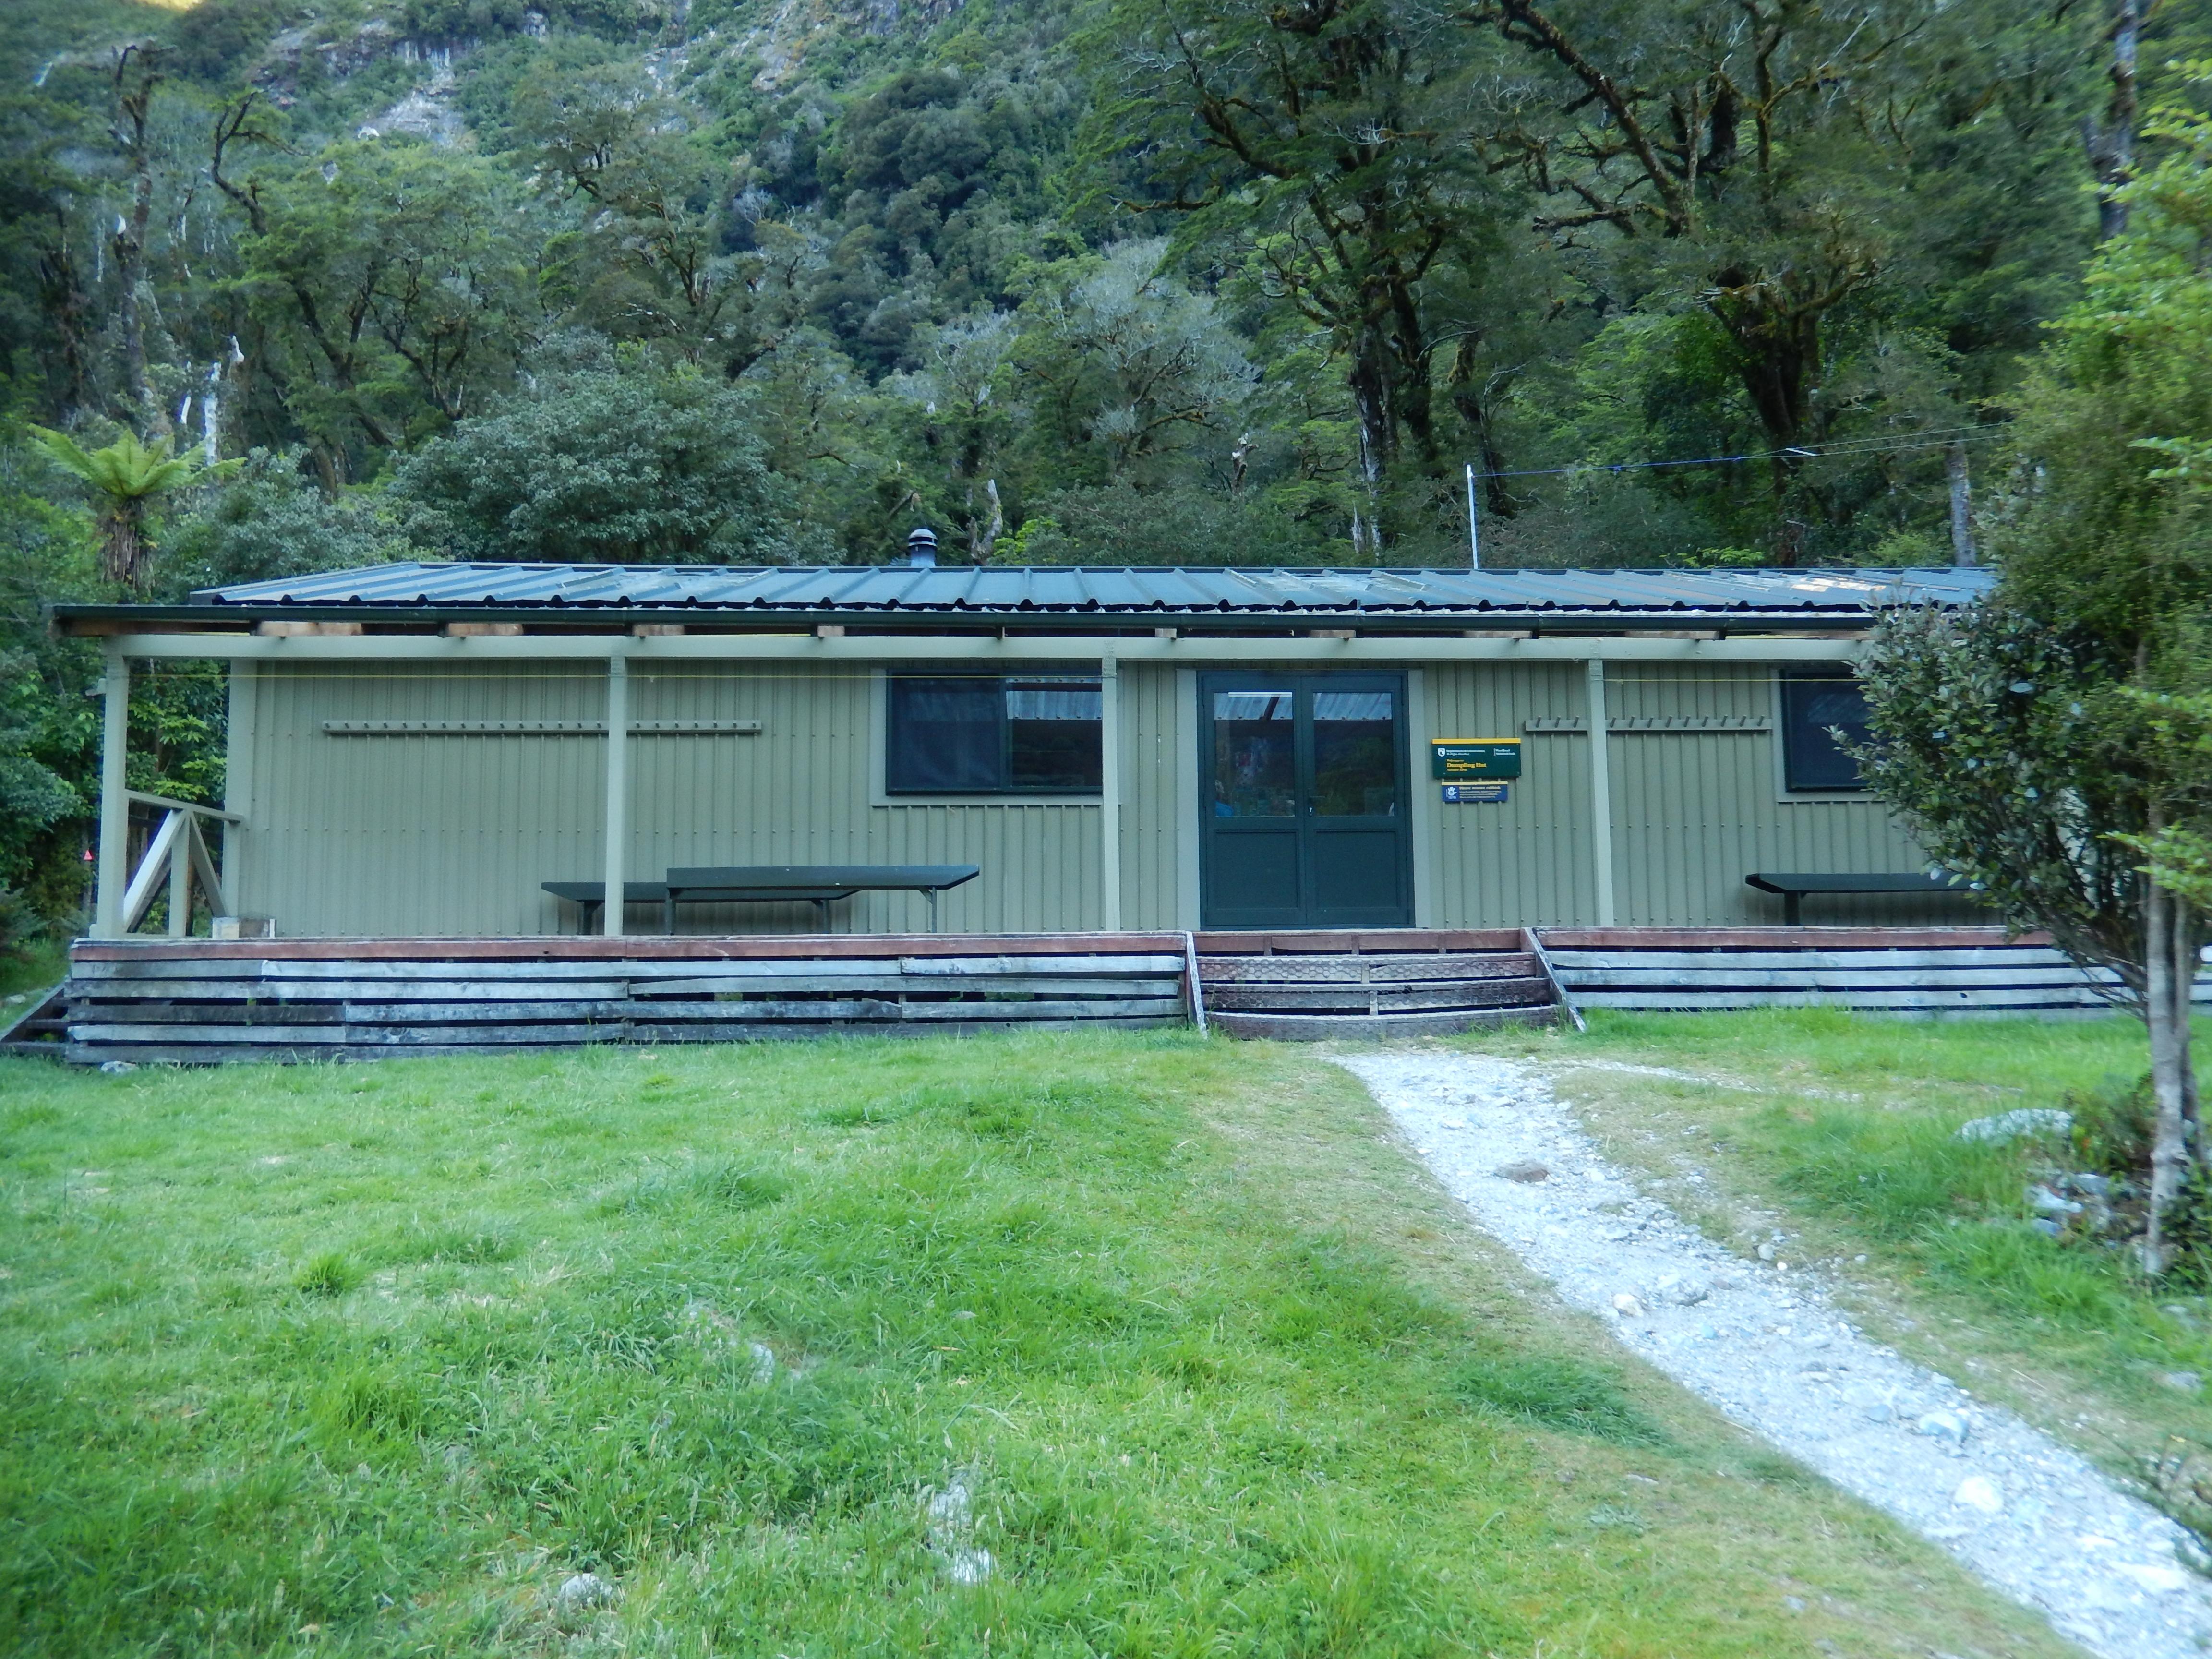 File:Milford Track Dumpling Hut Kitchen.jpg - Wikimedia Commons